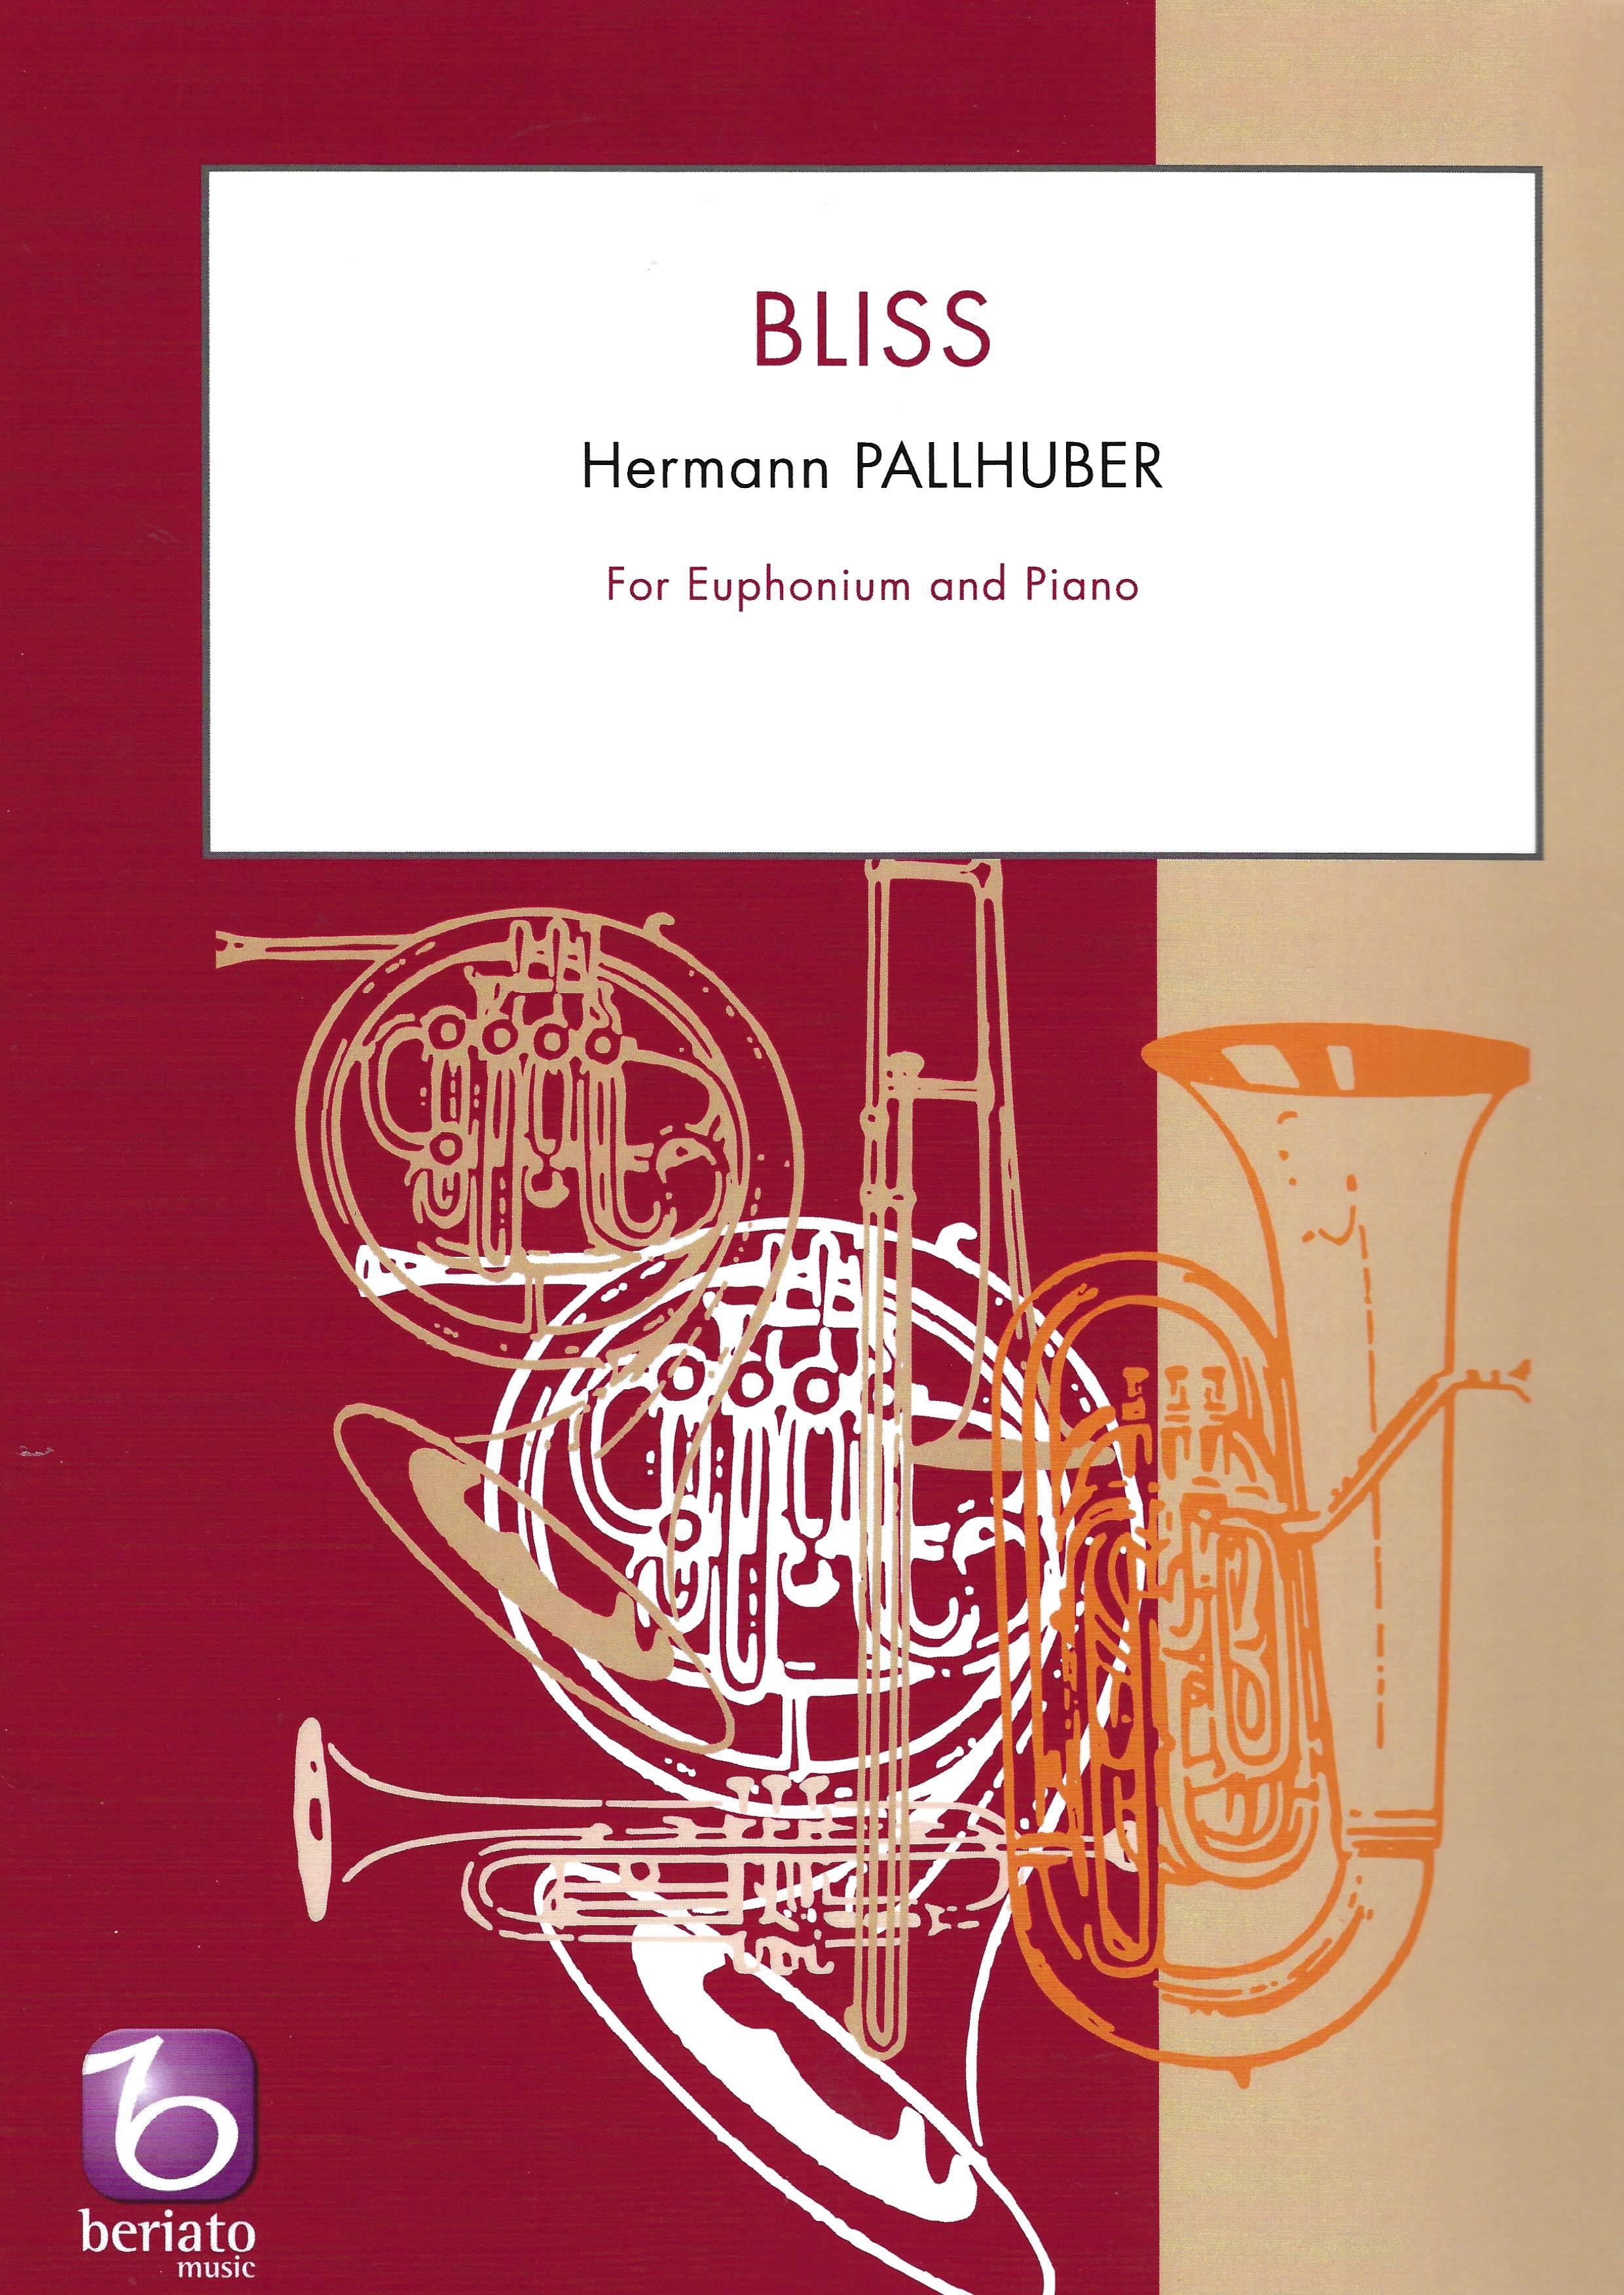 Bliss - Hermann Pallhuber - Euphonium and Piano